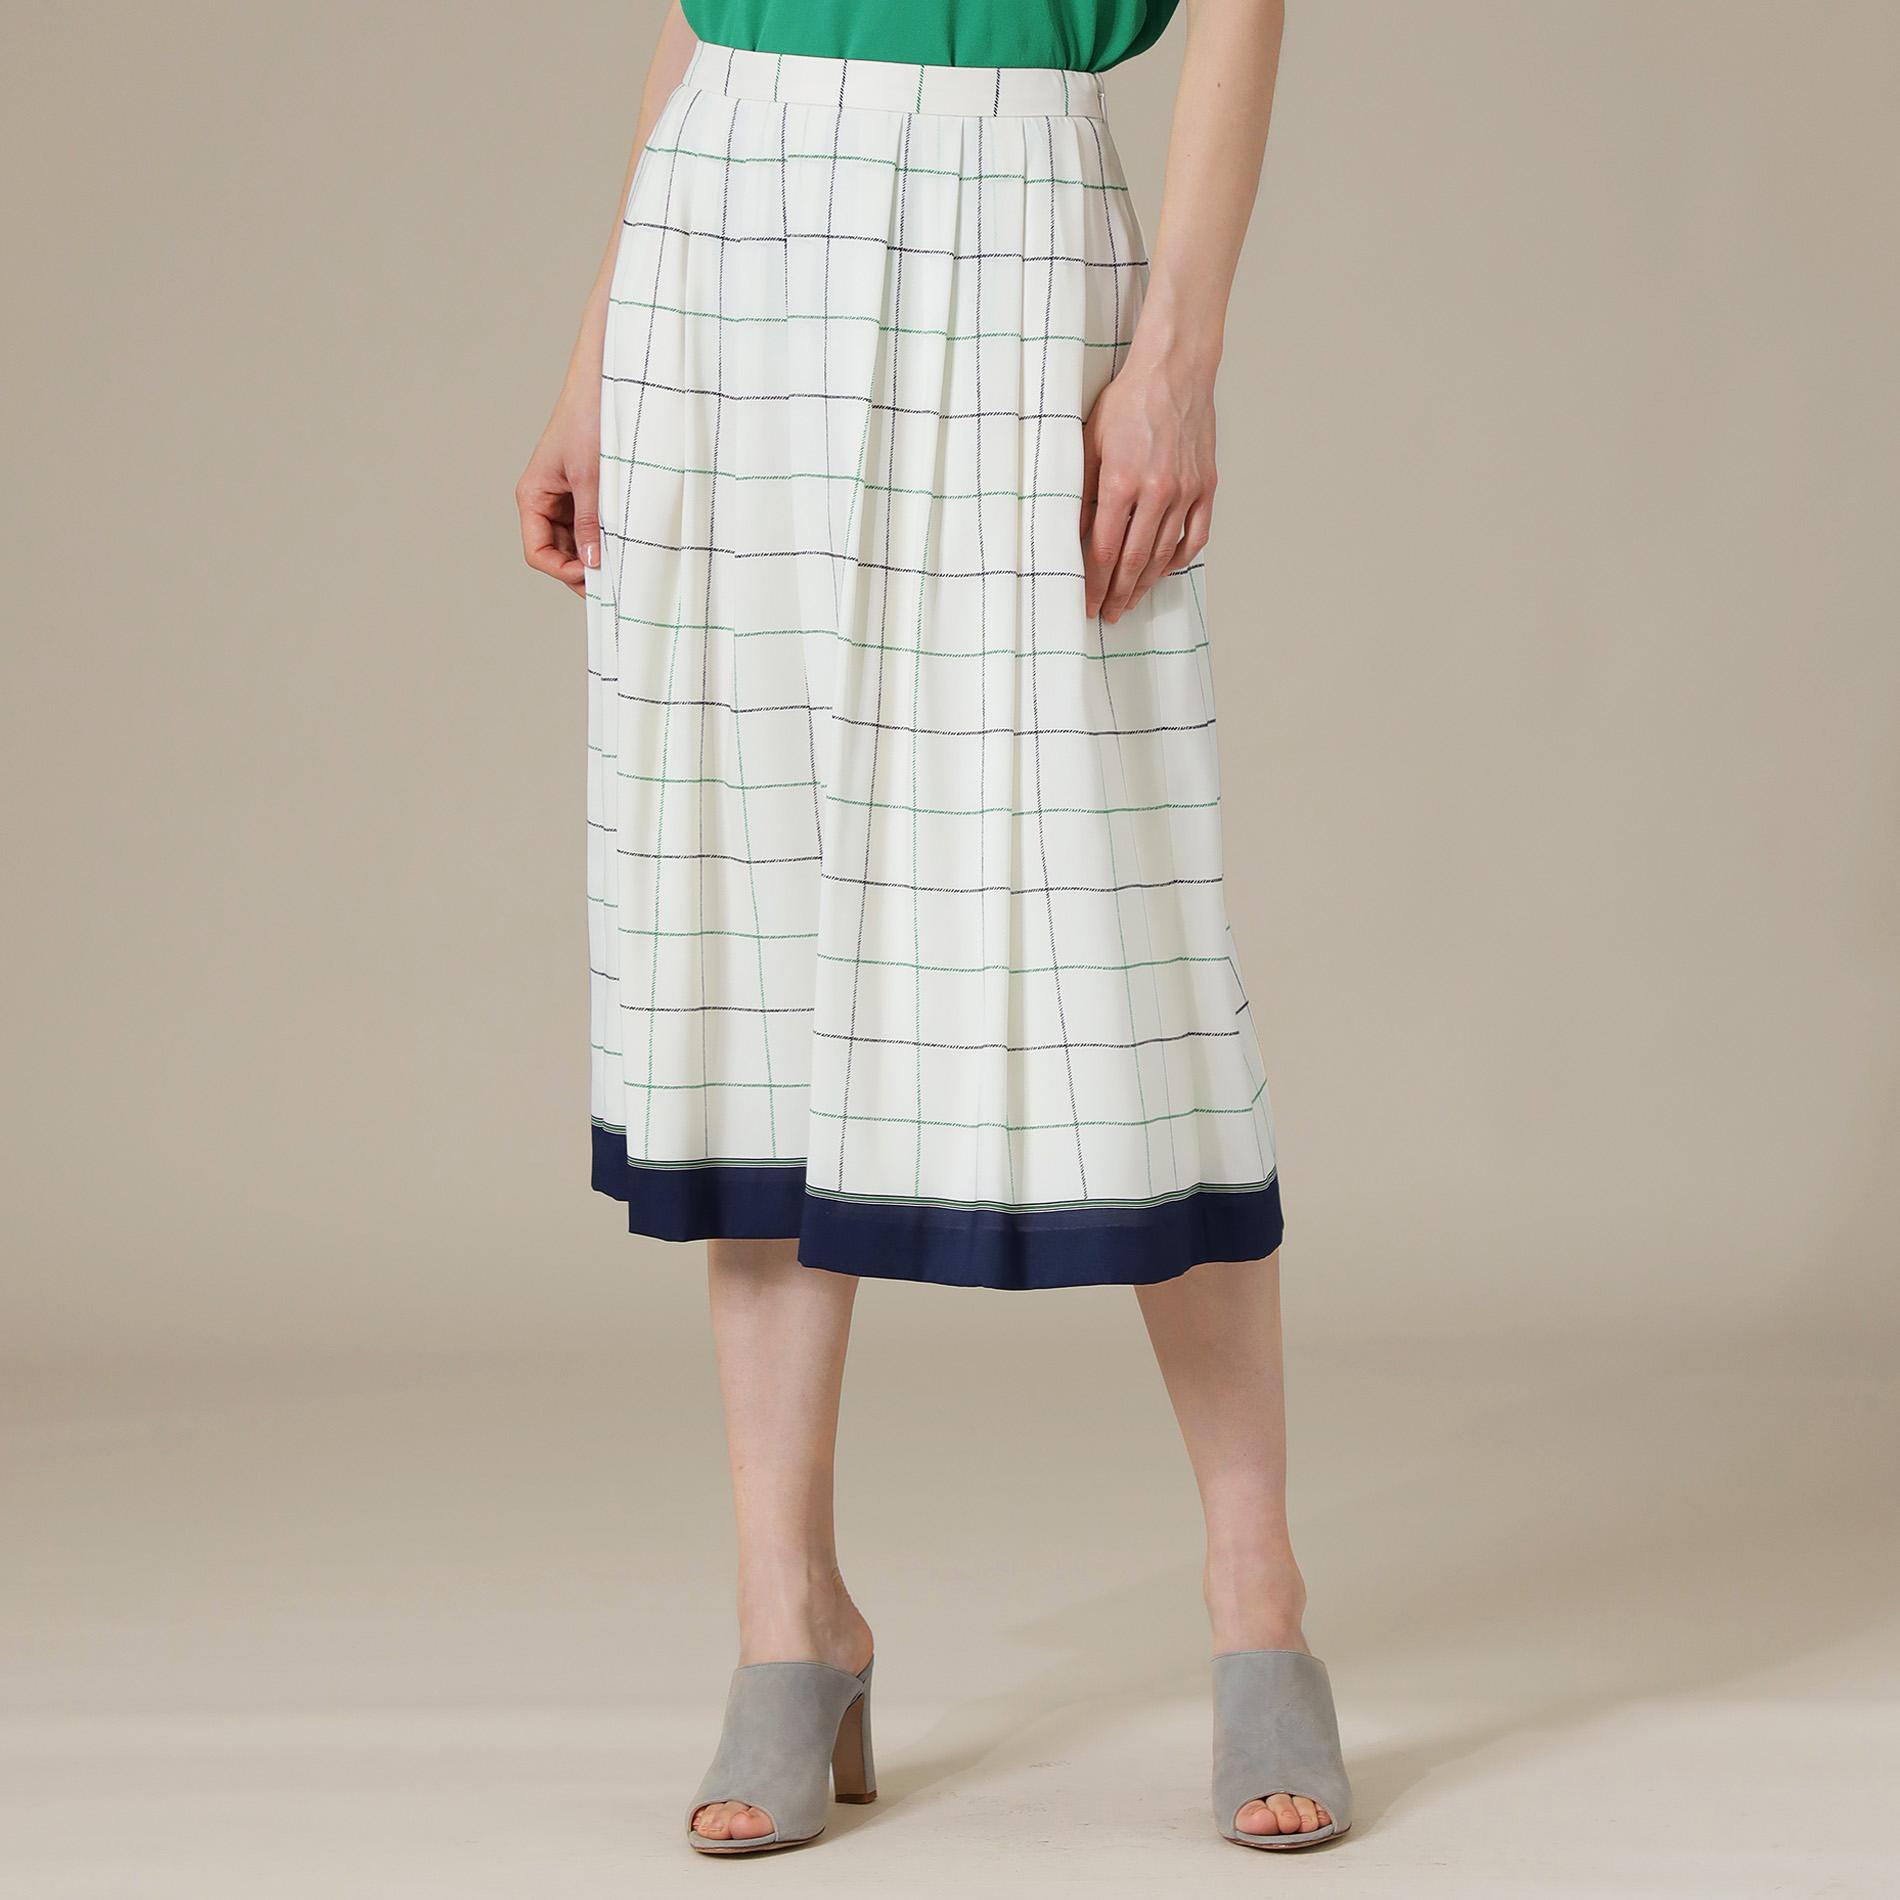 ◆◆タッタソールチェックプリントスカート